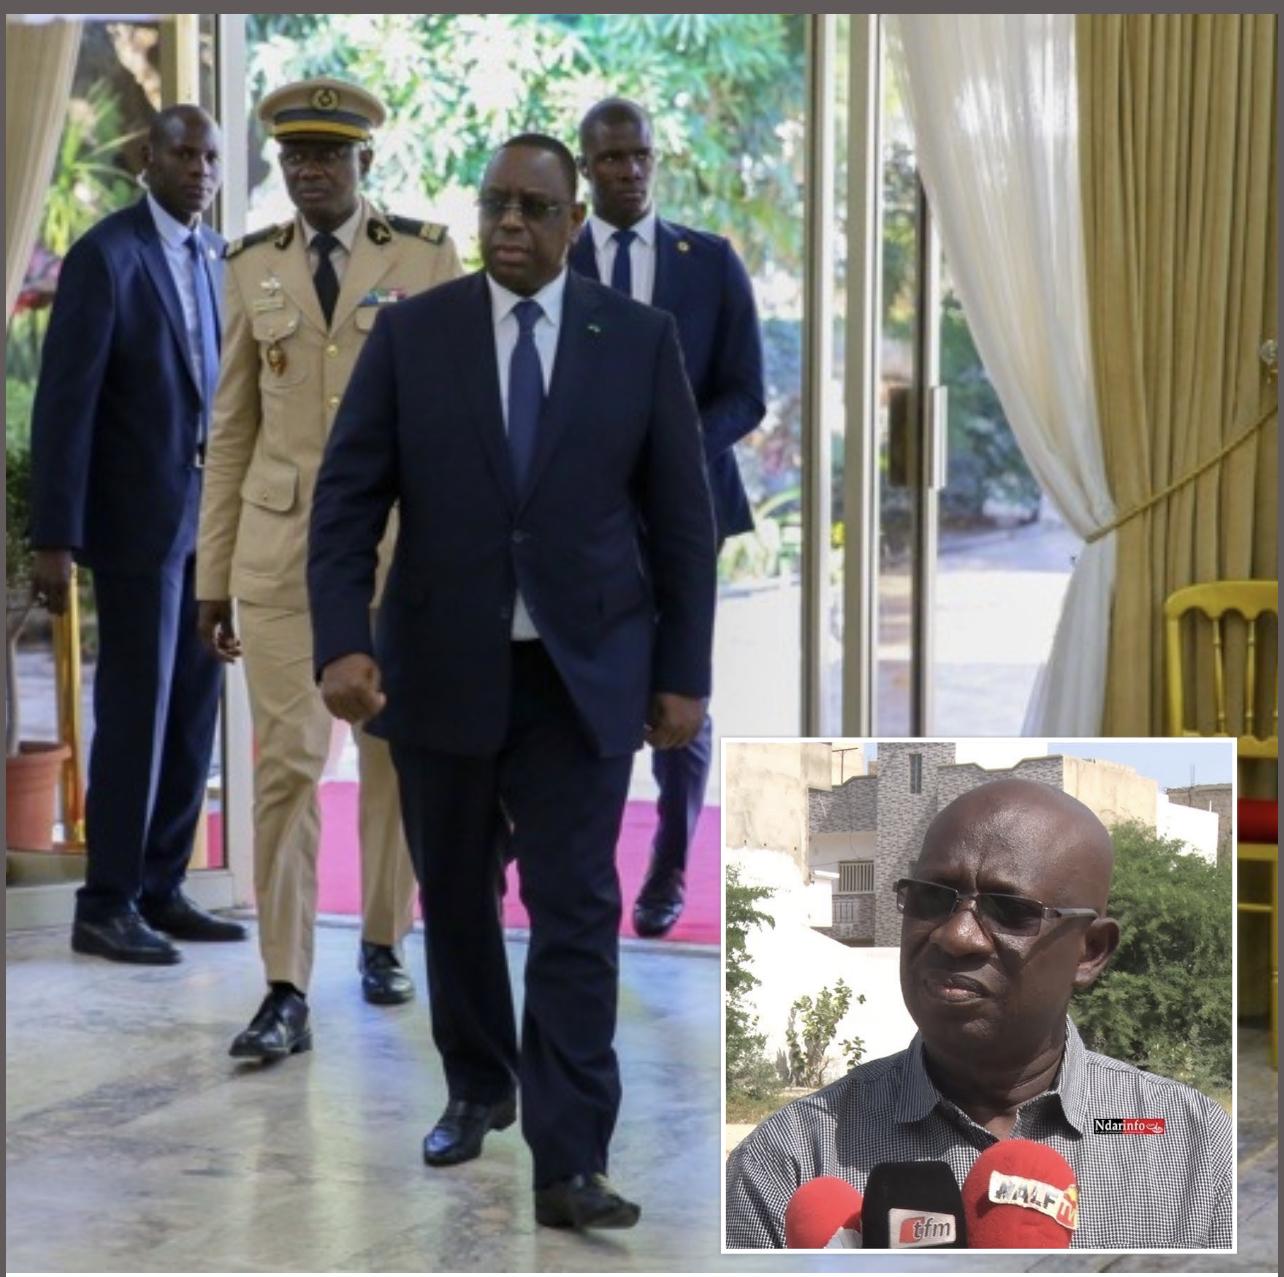 Dagana : L'audience prochaine accordée par le chef de l'État à la coordination départementale de l'APR divise les militants.